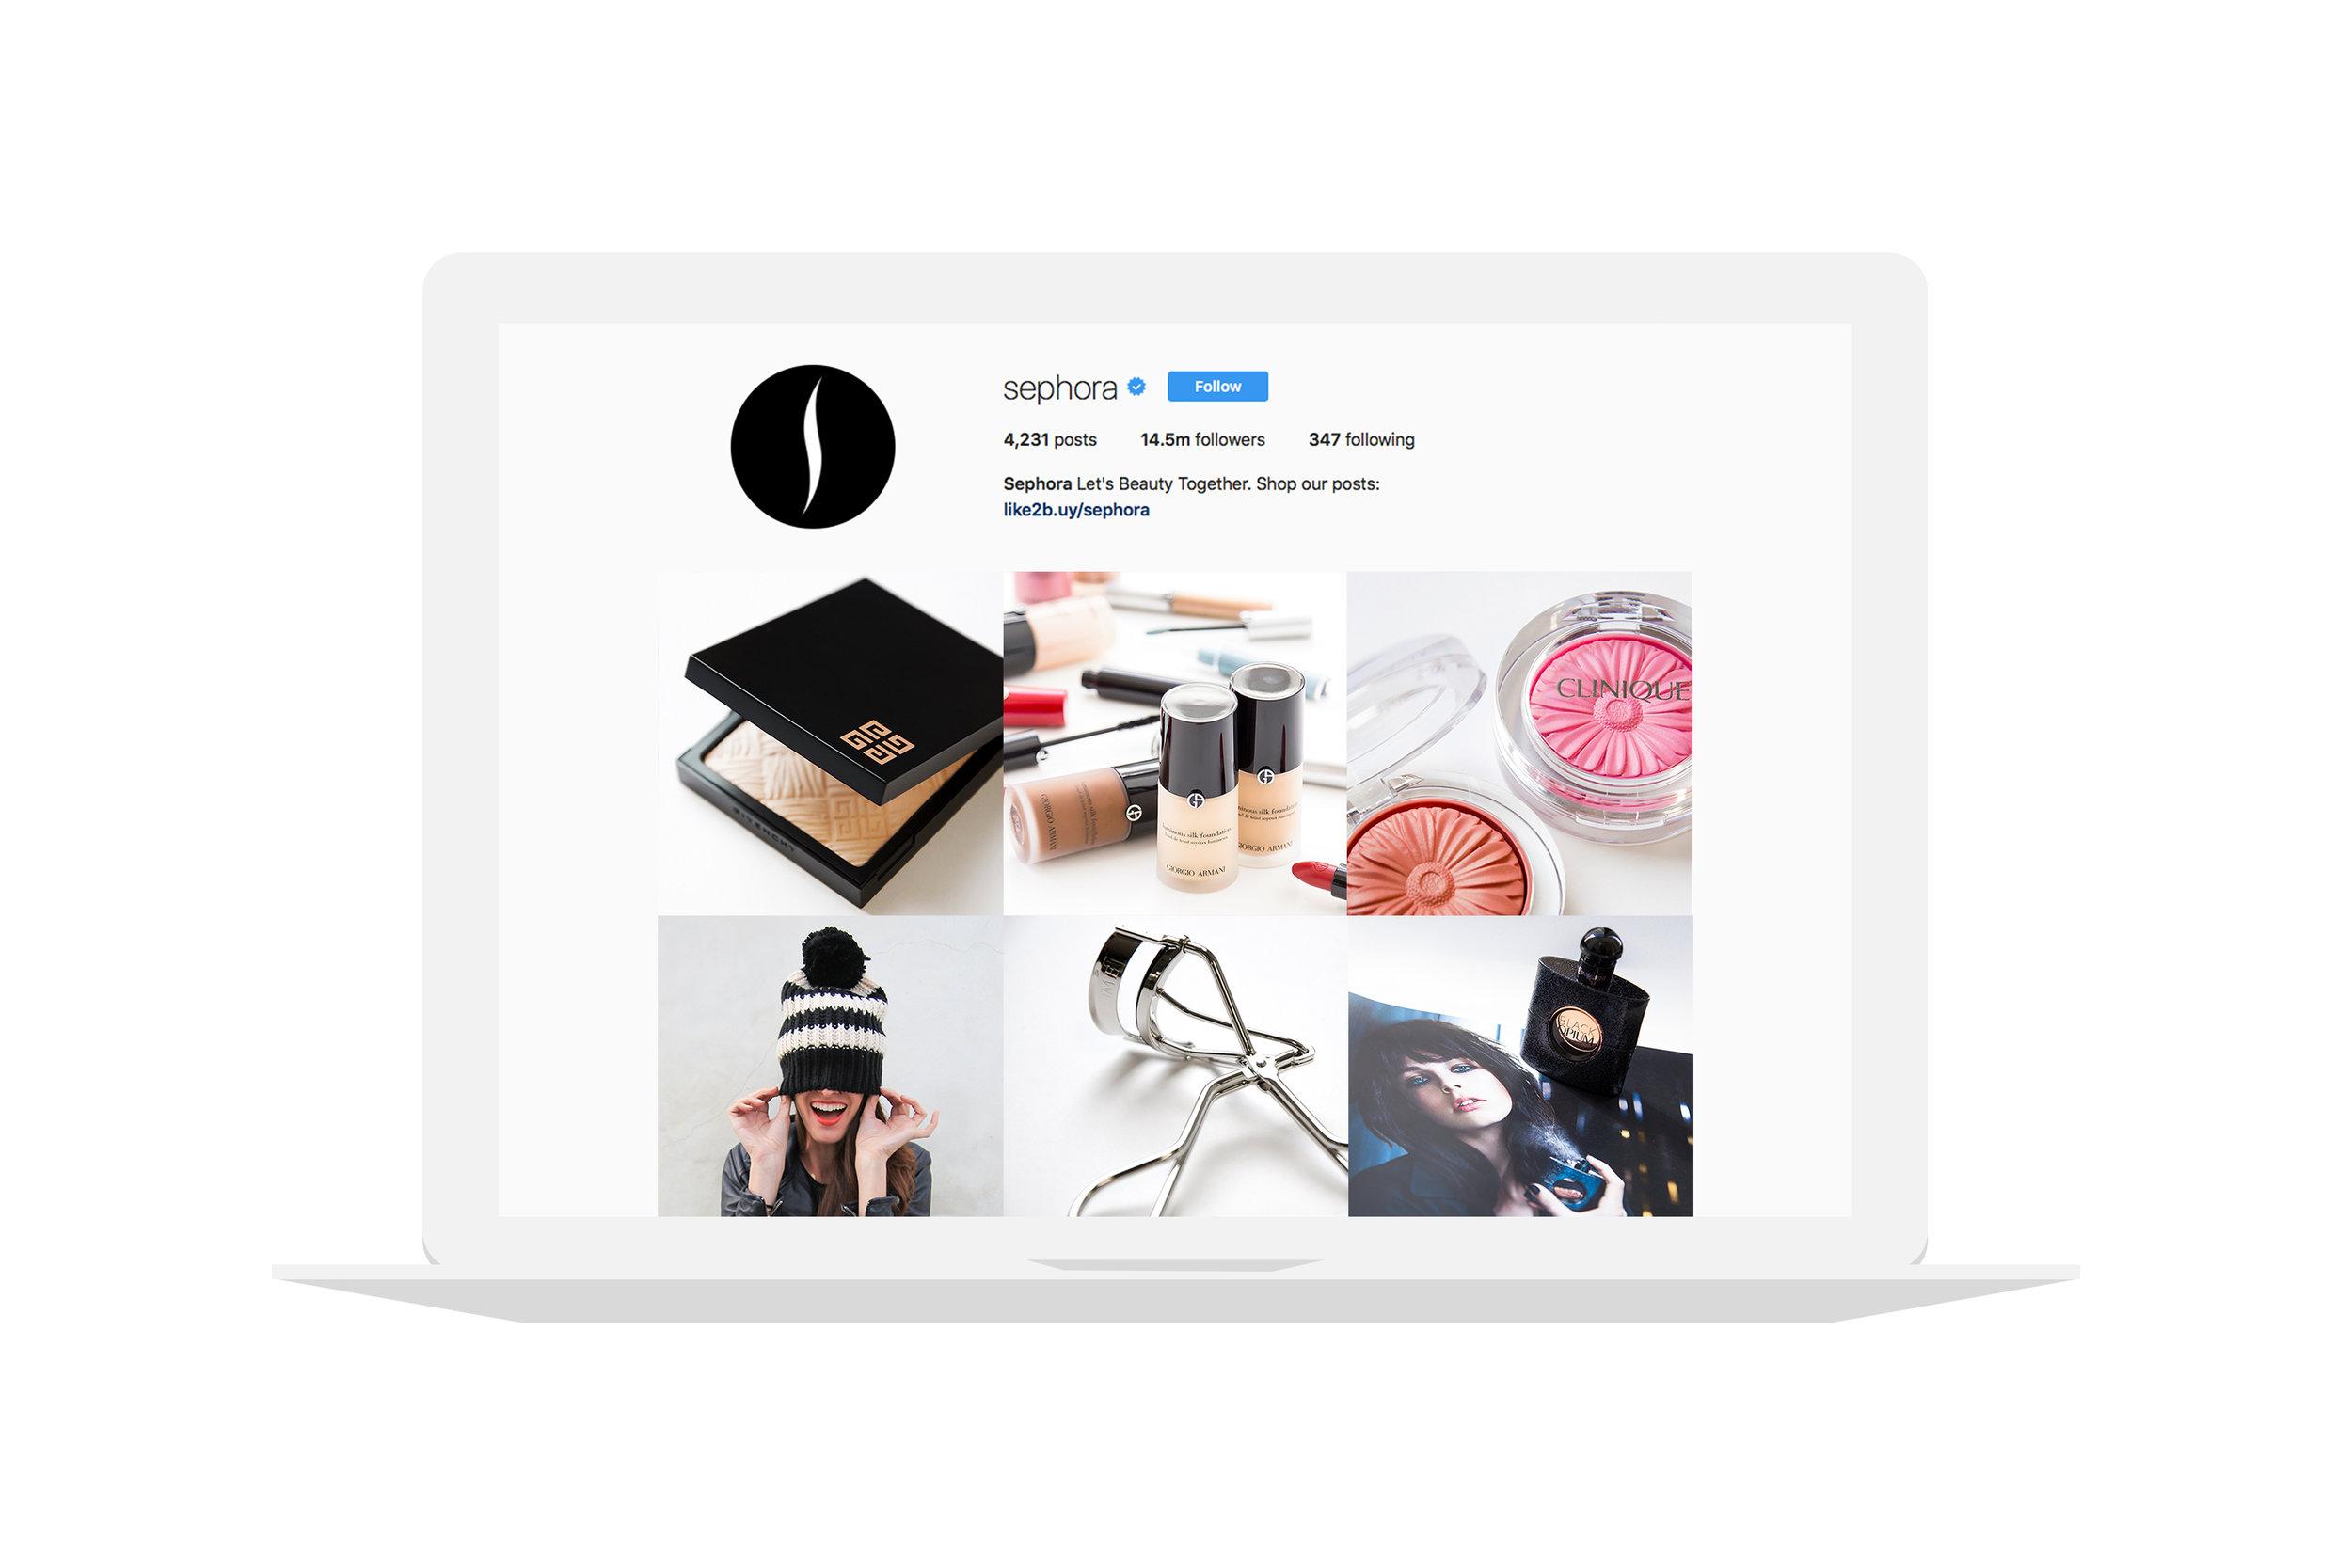 chrissihernandez-sephora-desktop-social.jpg